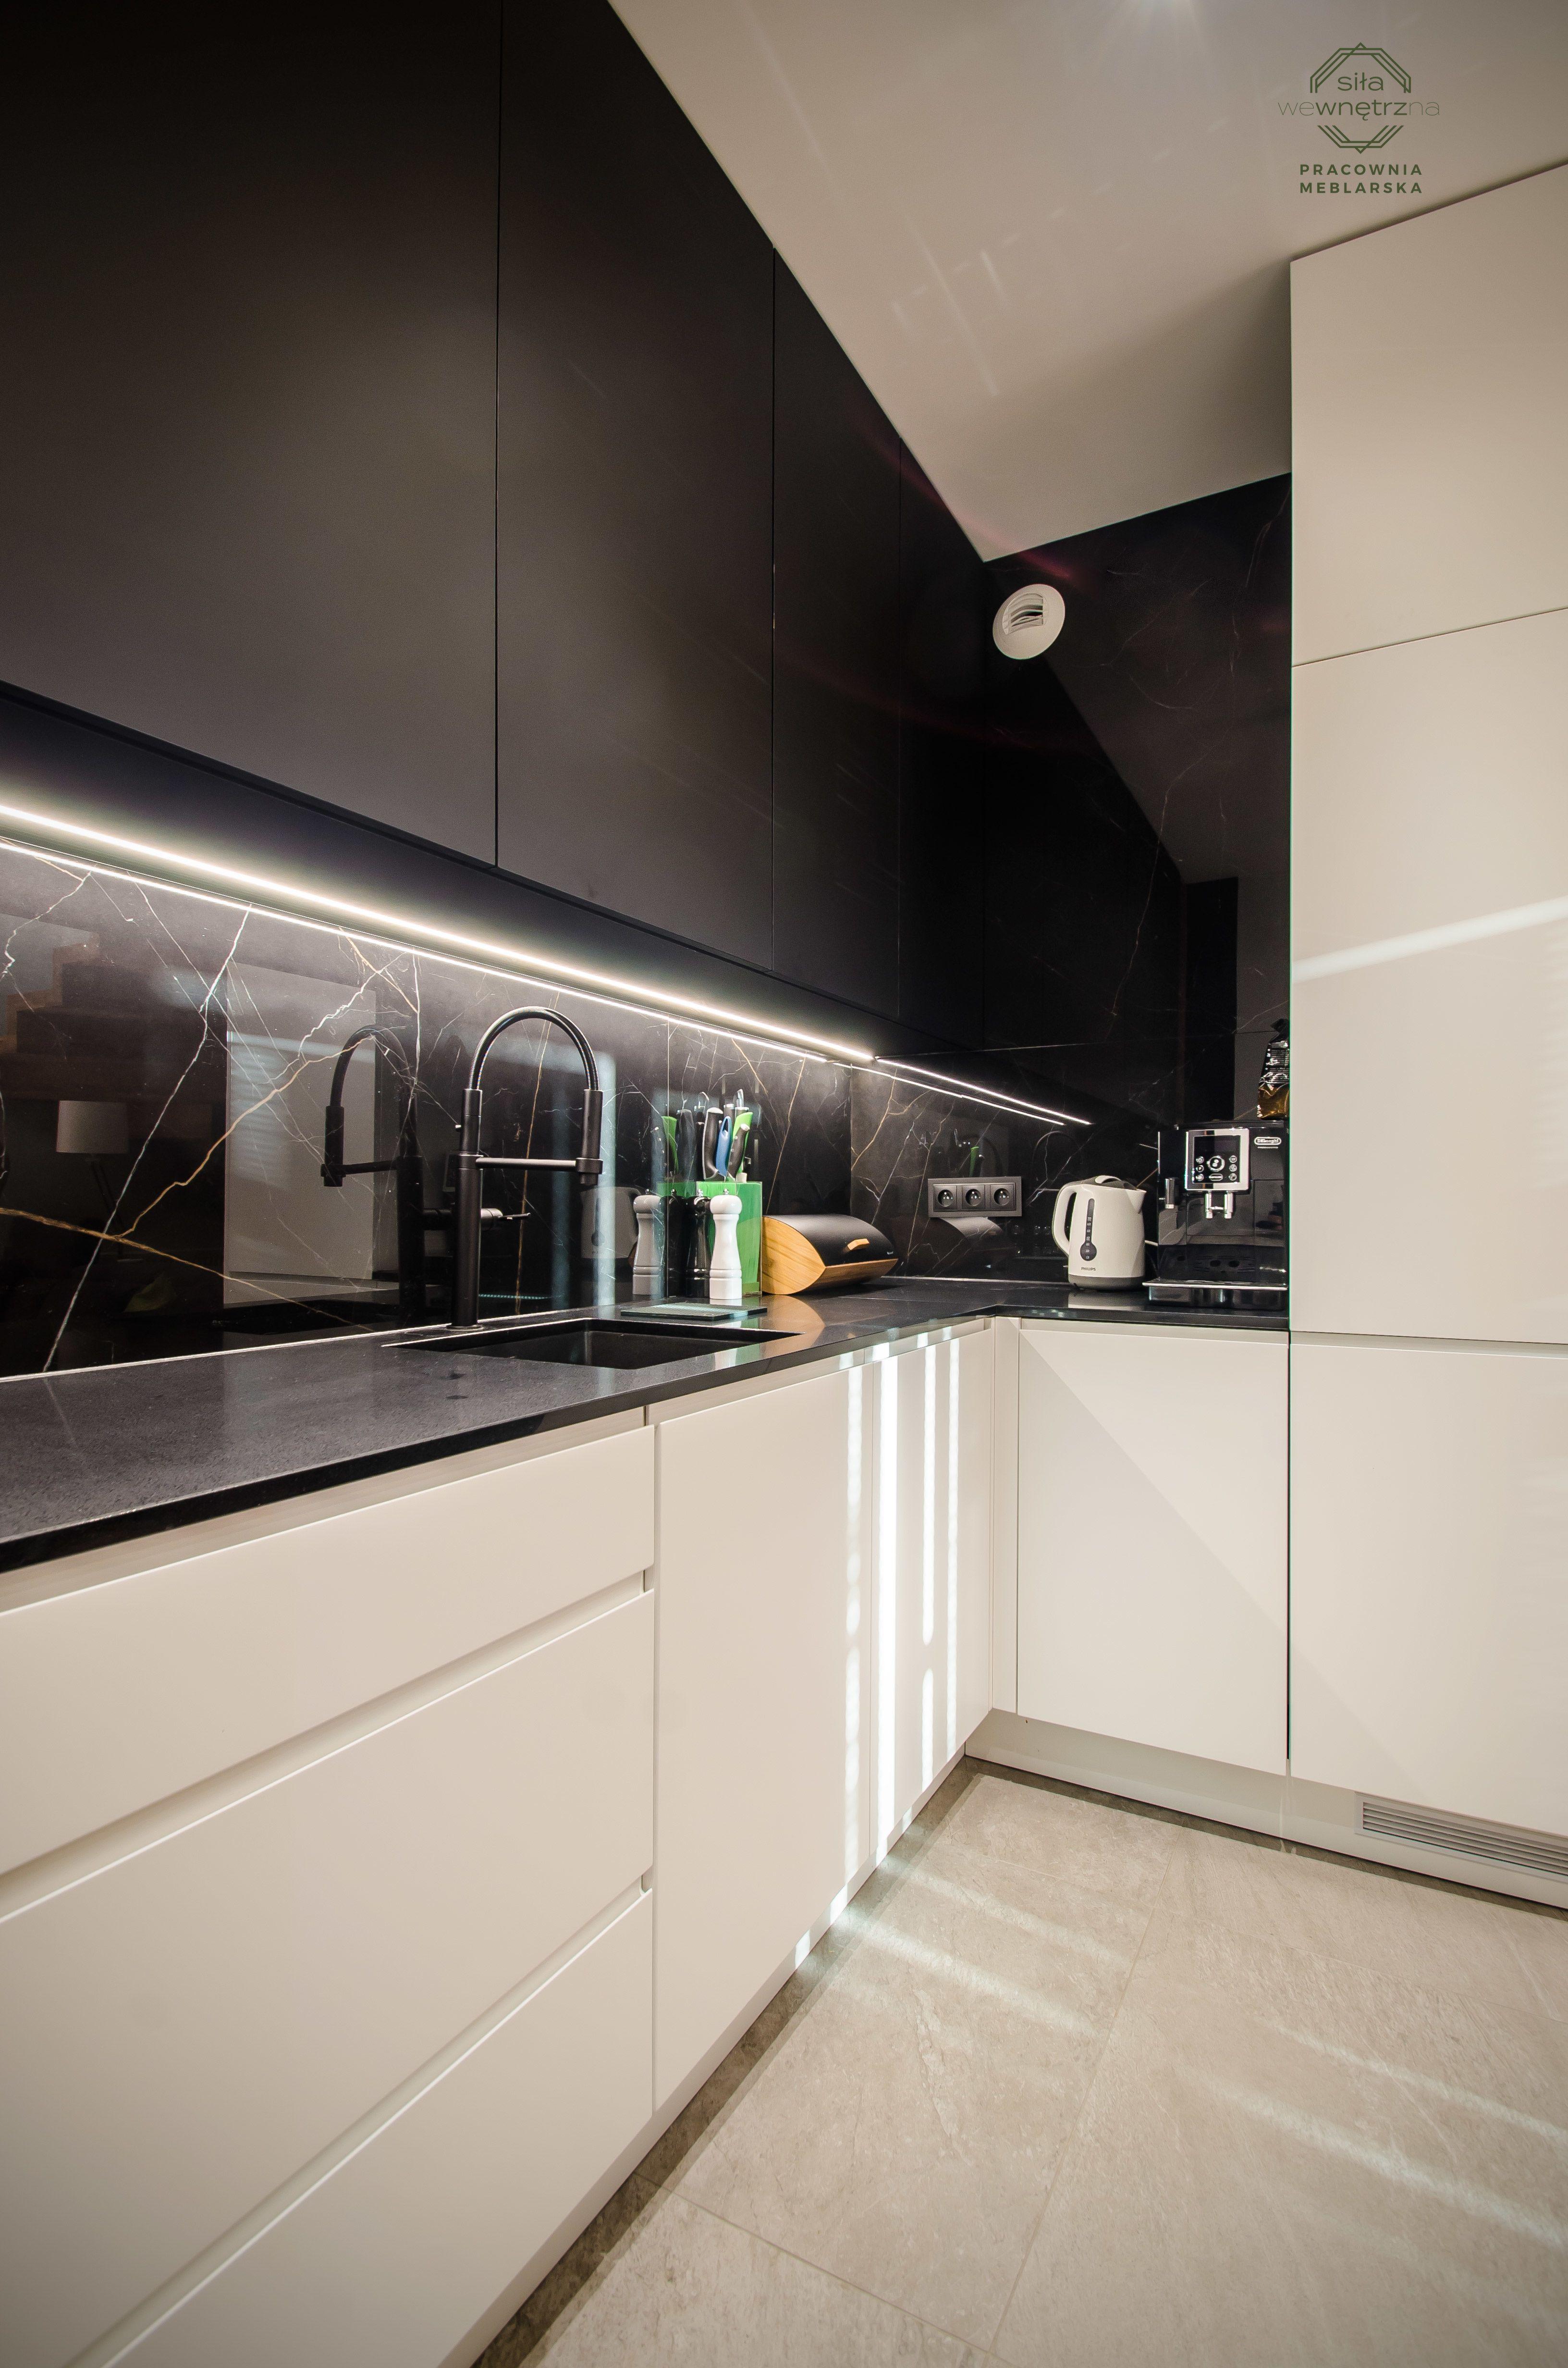 Kuchnia Na Wymiar Home Kitchen Cabinets Kitchen